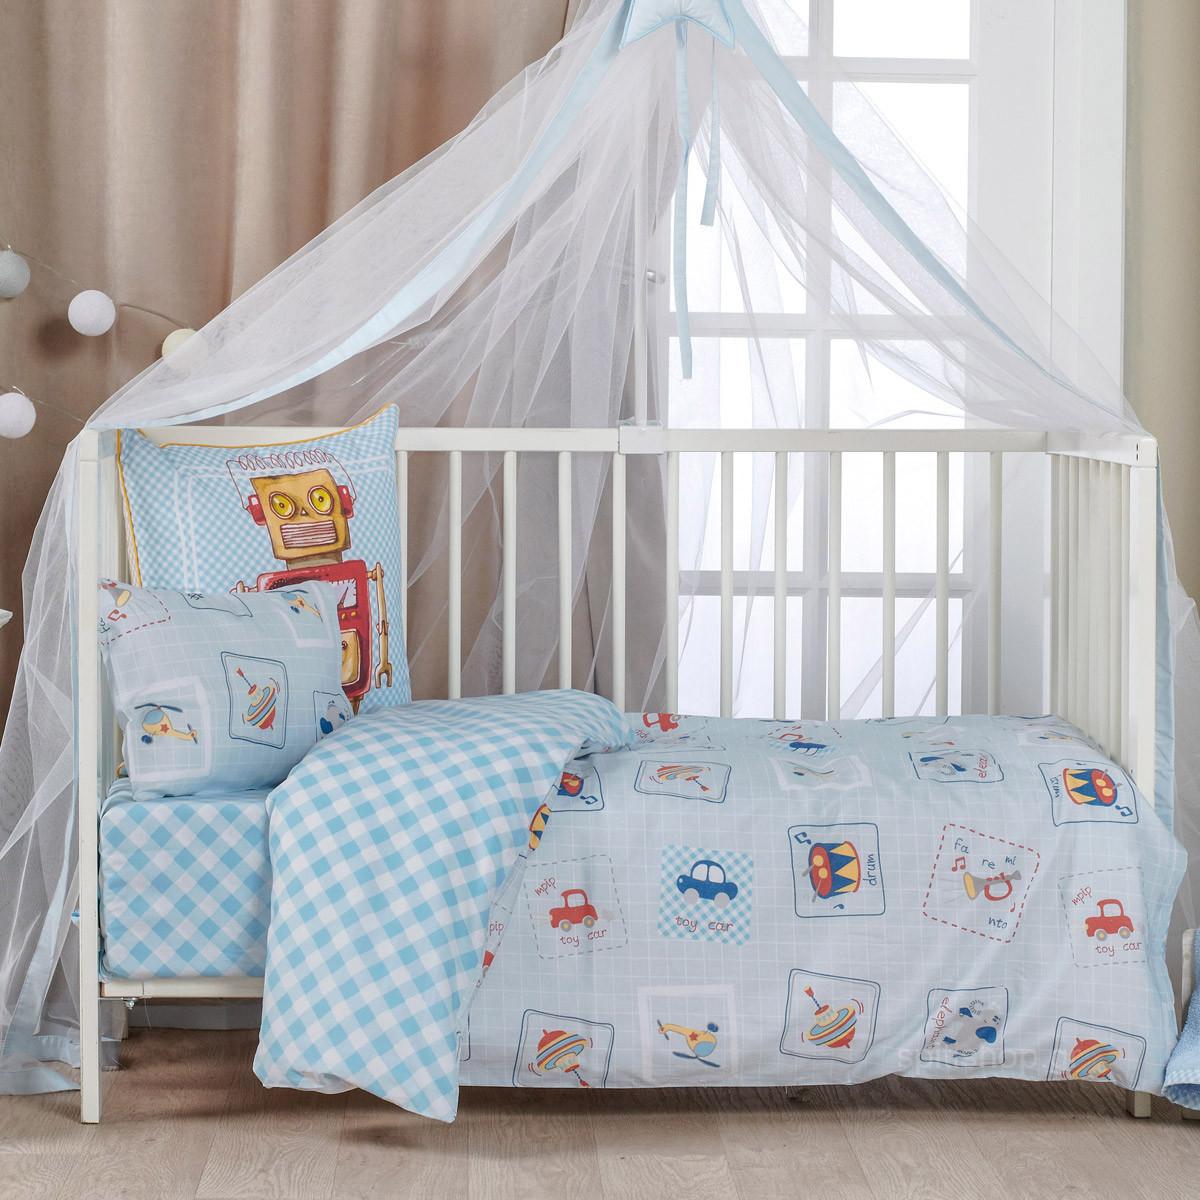 Σεντόνια Κούνιας (Σετ) Kentia Baby Twister